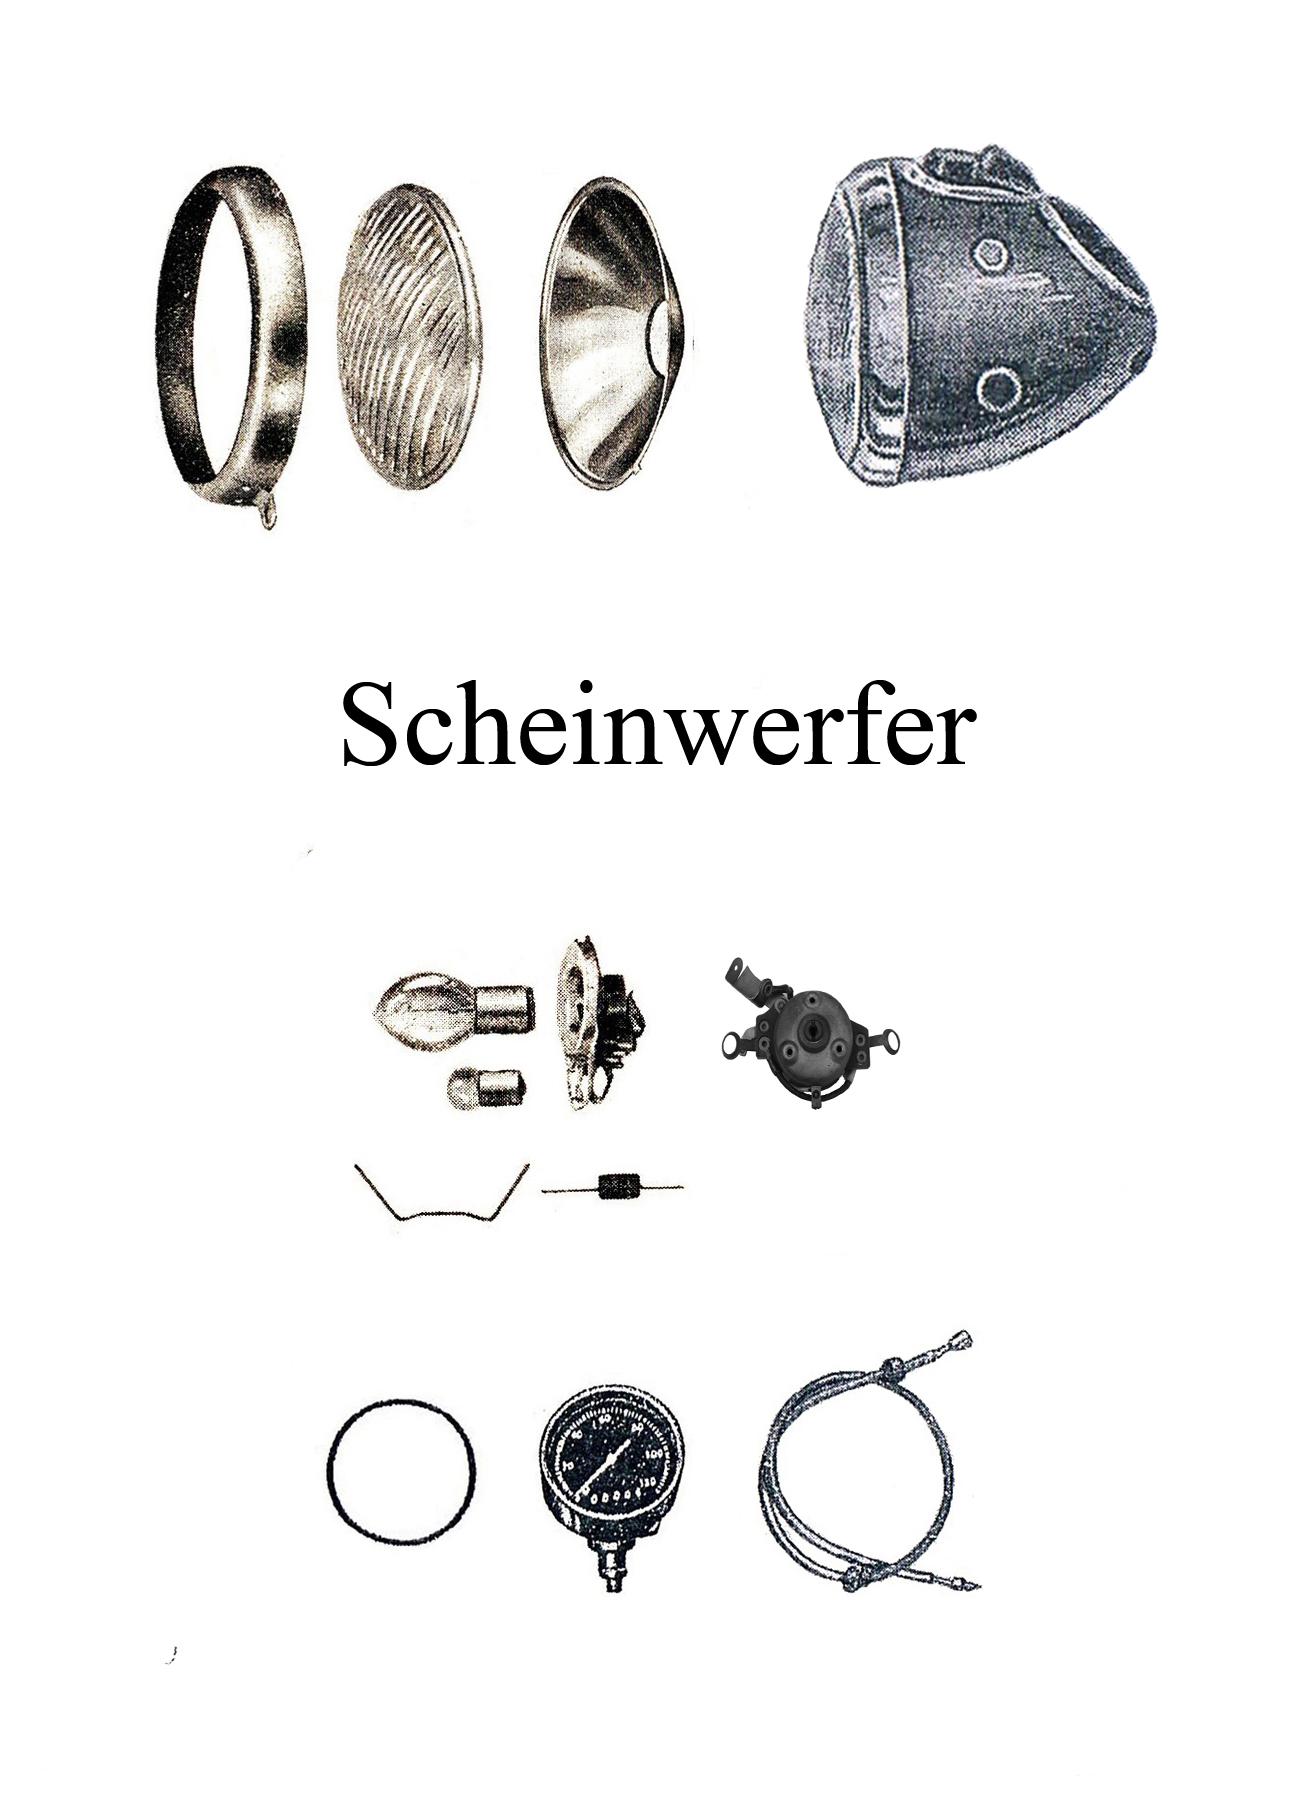 DDR-Motorrad AWO Sport Scheinwerfer Reflektor Dichtgummi Lampenring Zündschloßabdeckung Tachometerwelle Reflektor